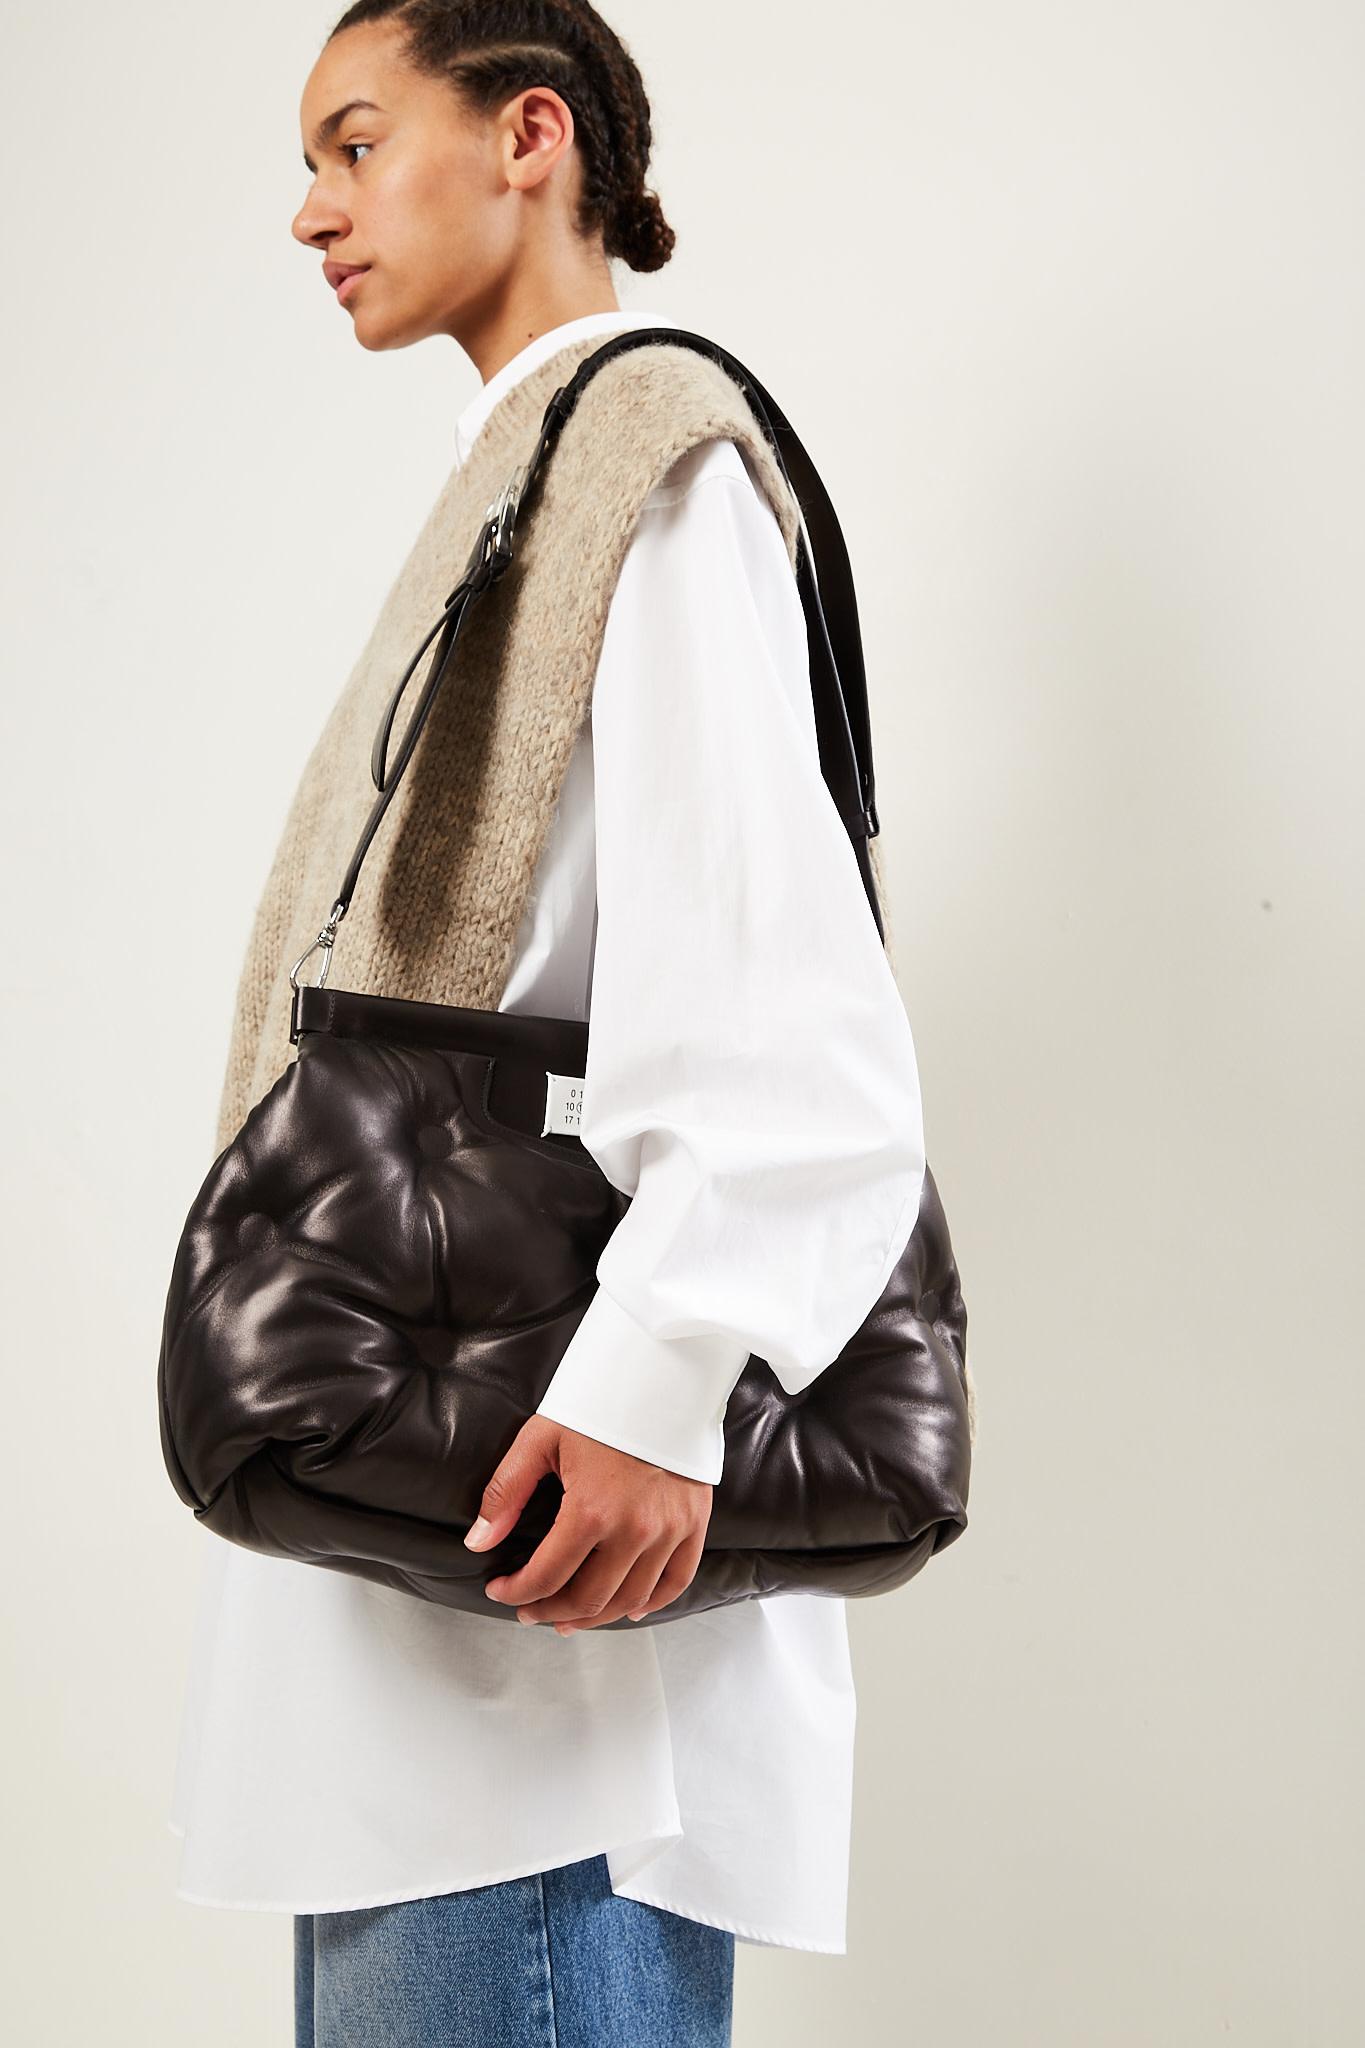 Maison Margiela MM shoulder bag